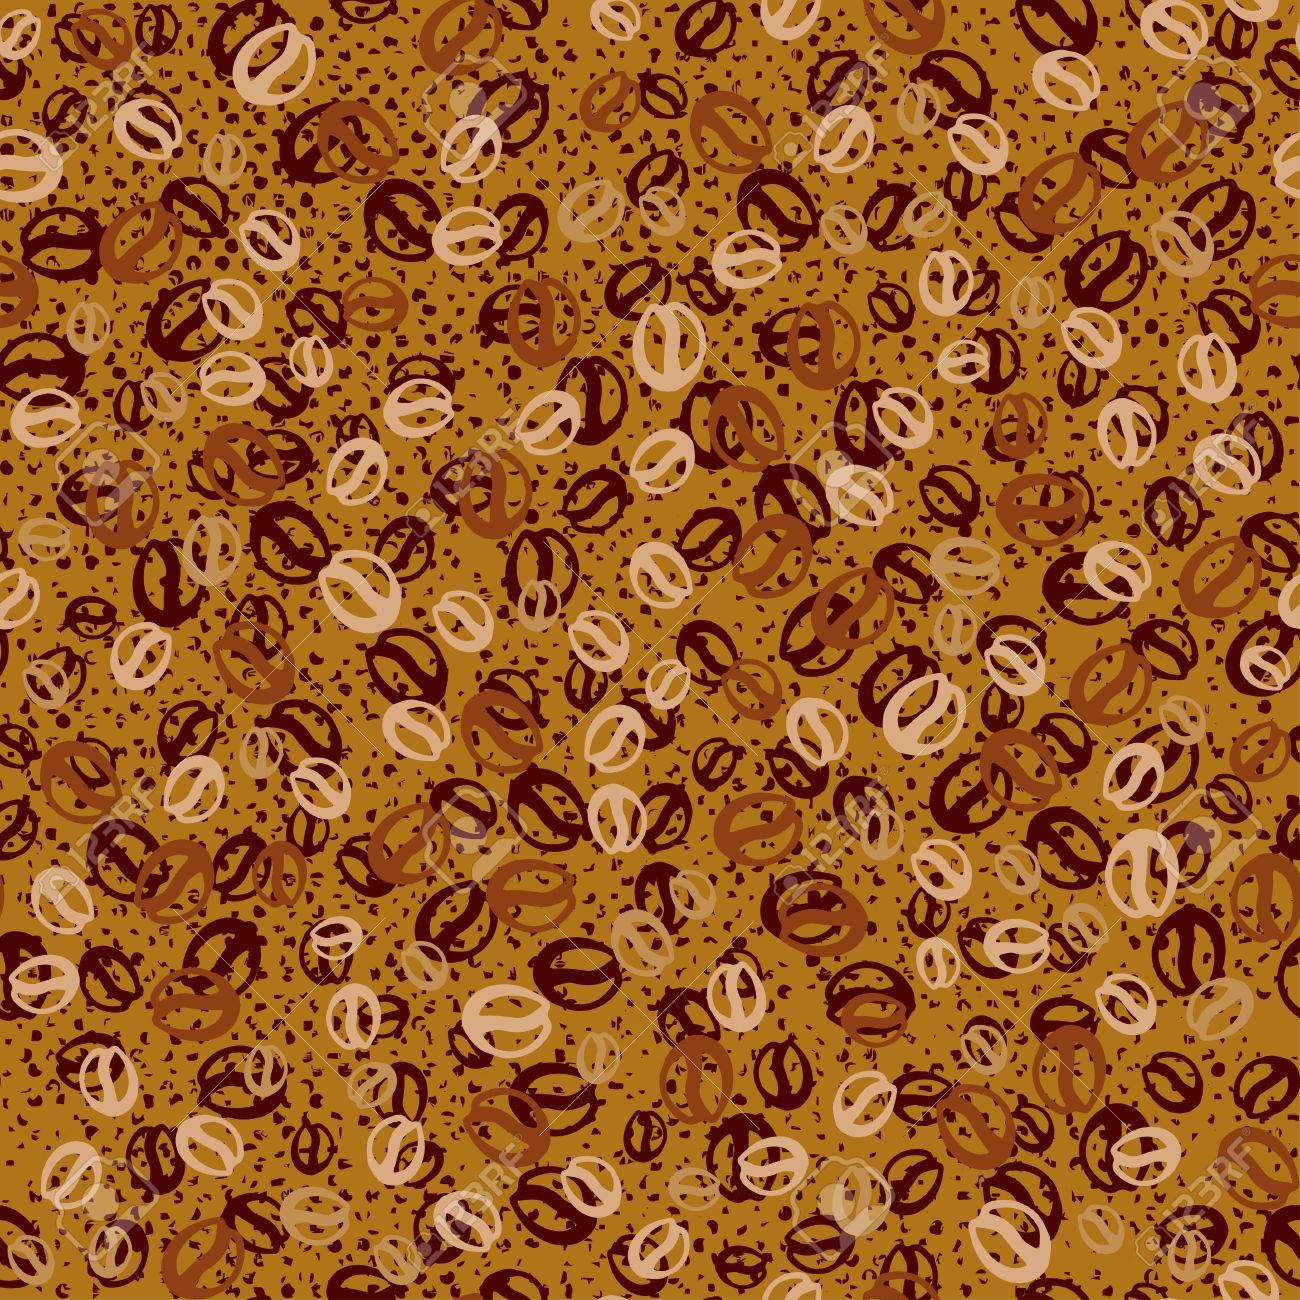 コーヒー豆とベクトルの背景 コーヒーのシームレスなパターン 壁紙